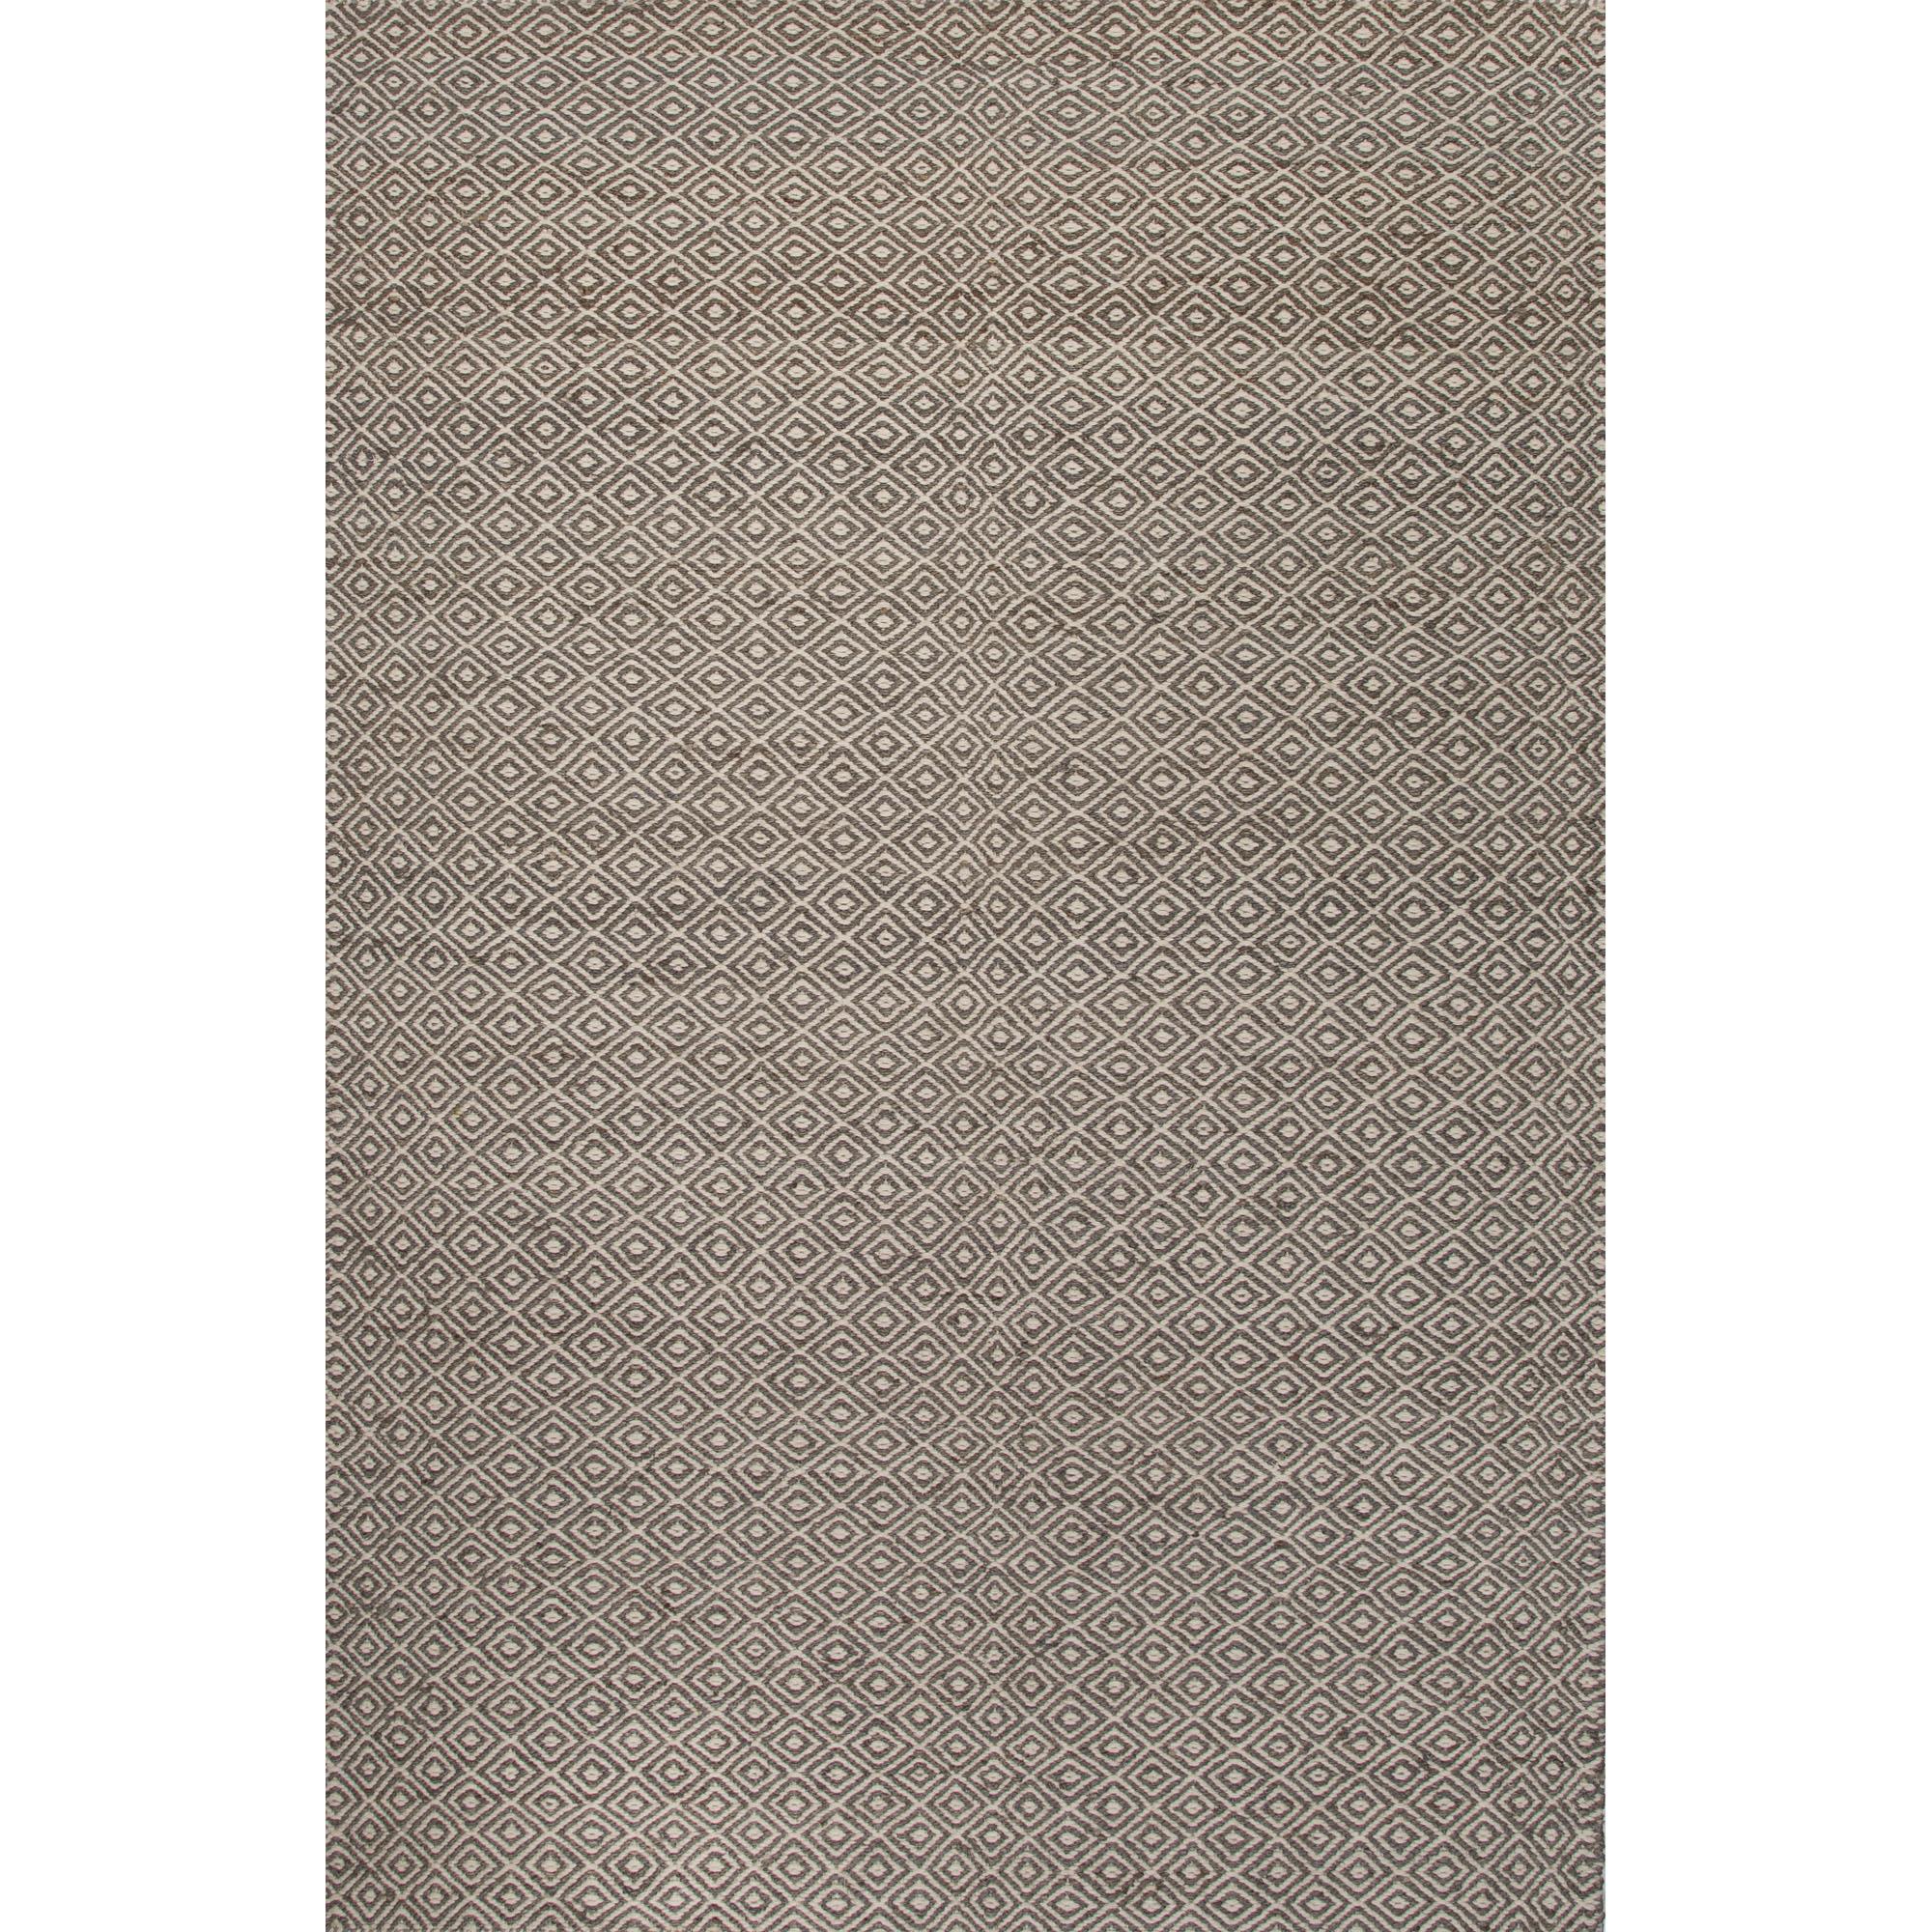 JAIPUR Rugs Naturals Ambary 5 x 8 Rug - Item Number: RUG109410